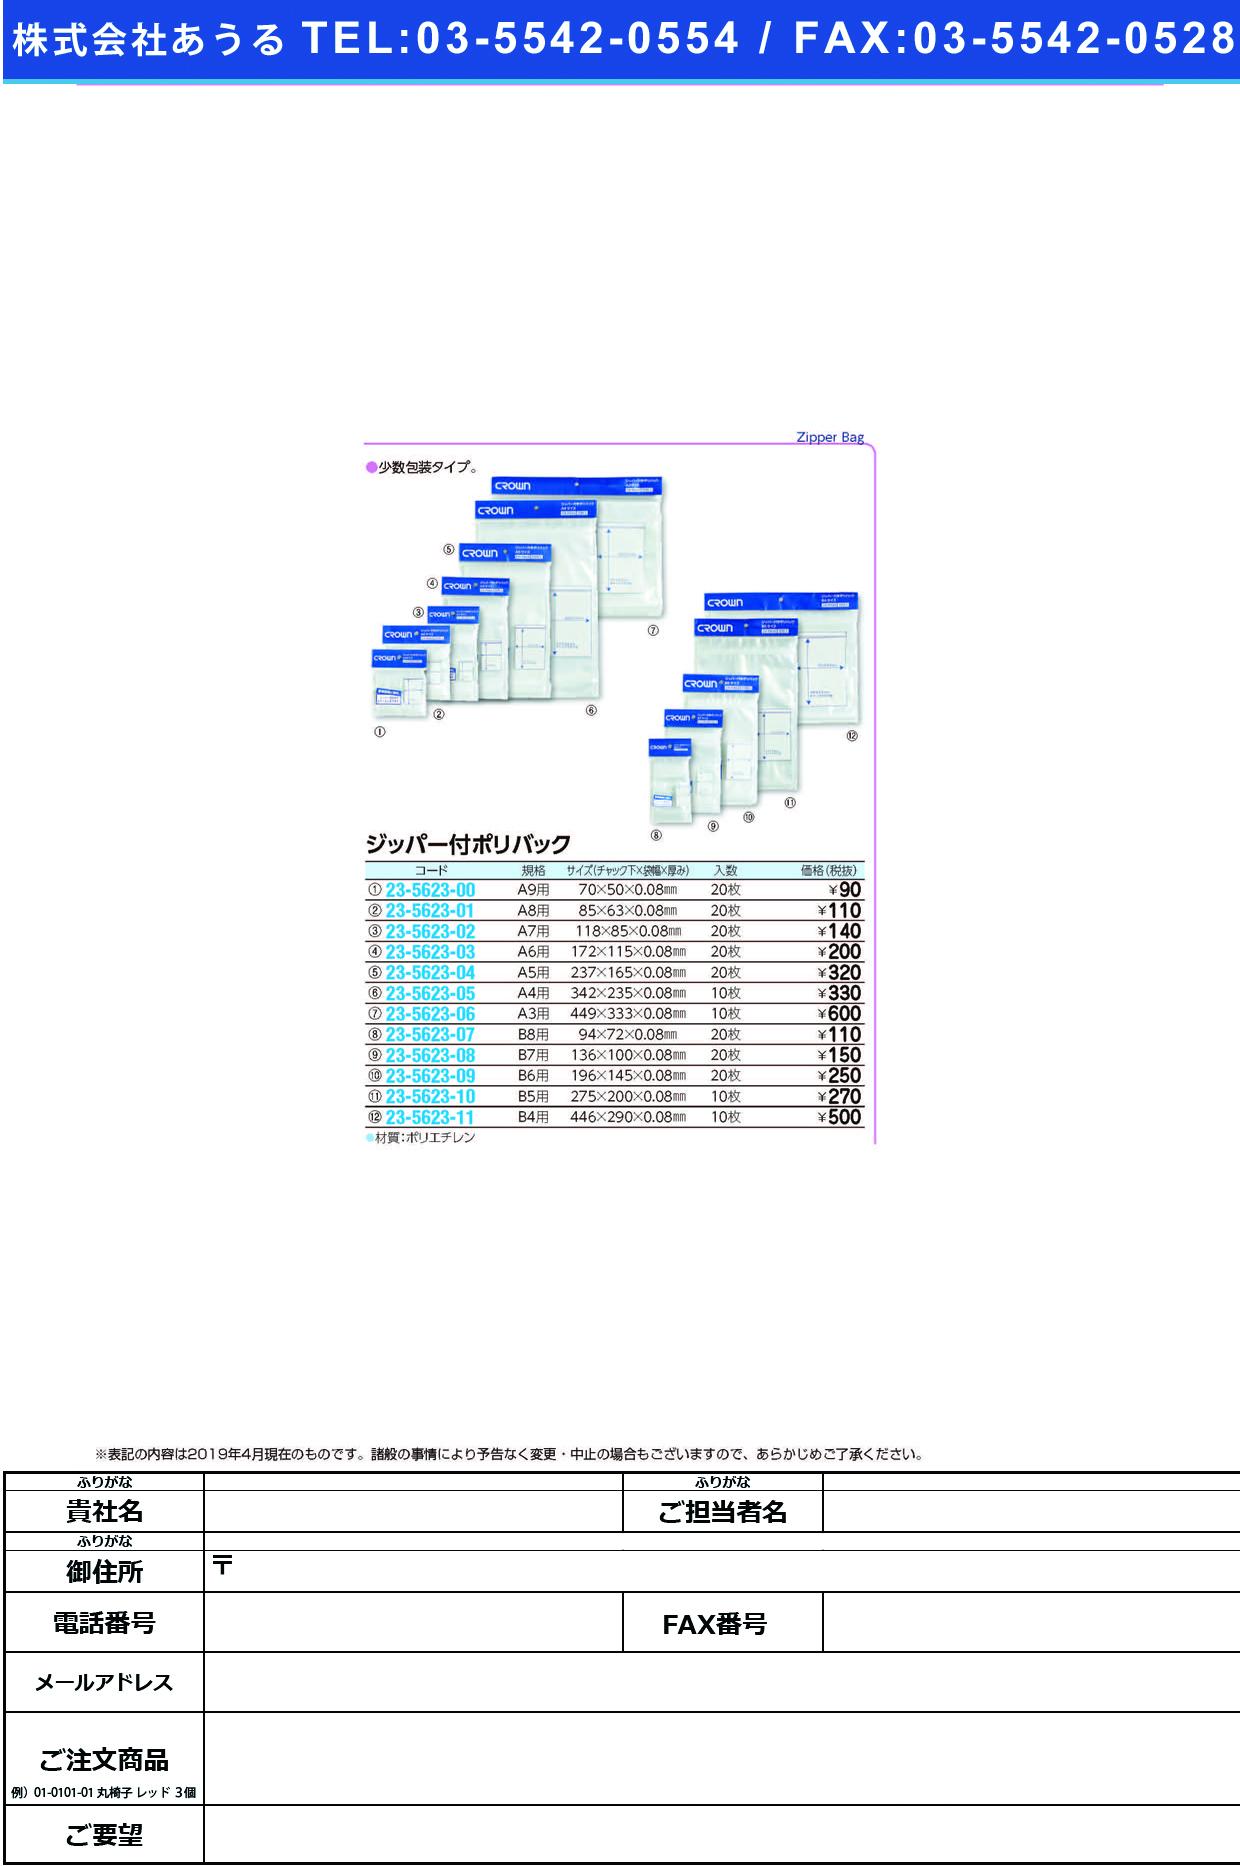 (23-5623-01)ジッパー付ポリバック(A8用) CR-PB8A-T(20マイ) ジッパーツキポリバック(A8ヨウ【1袋単位】【2019年カタログ商品】